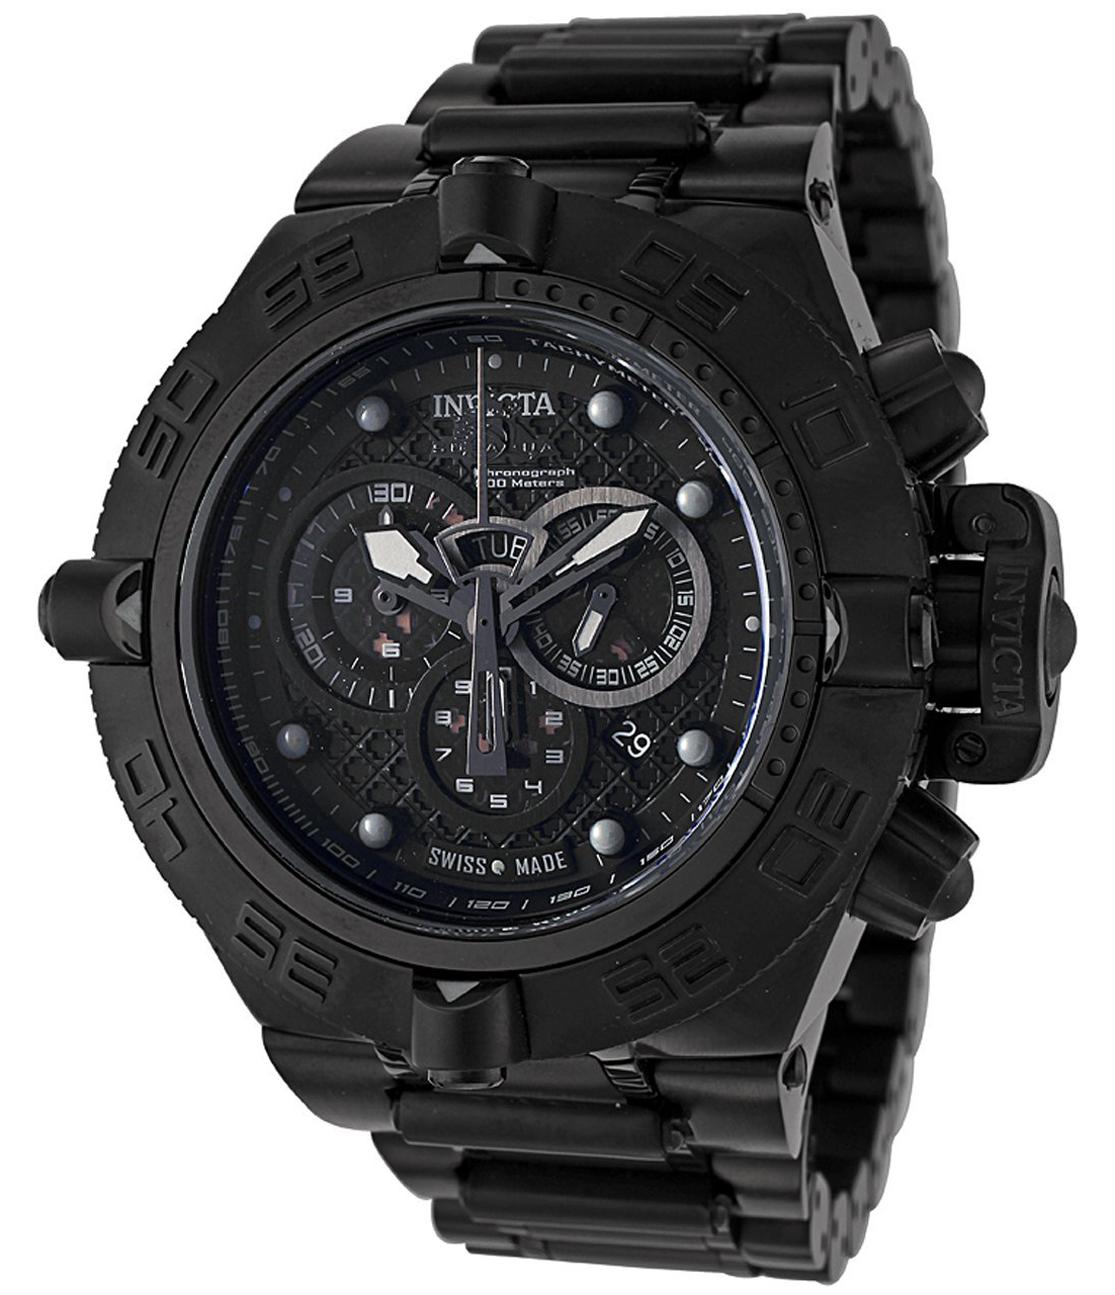 Invicta Subaqua Noma IV Chronograph All Black - 6561